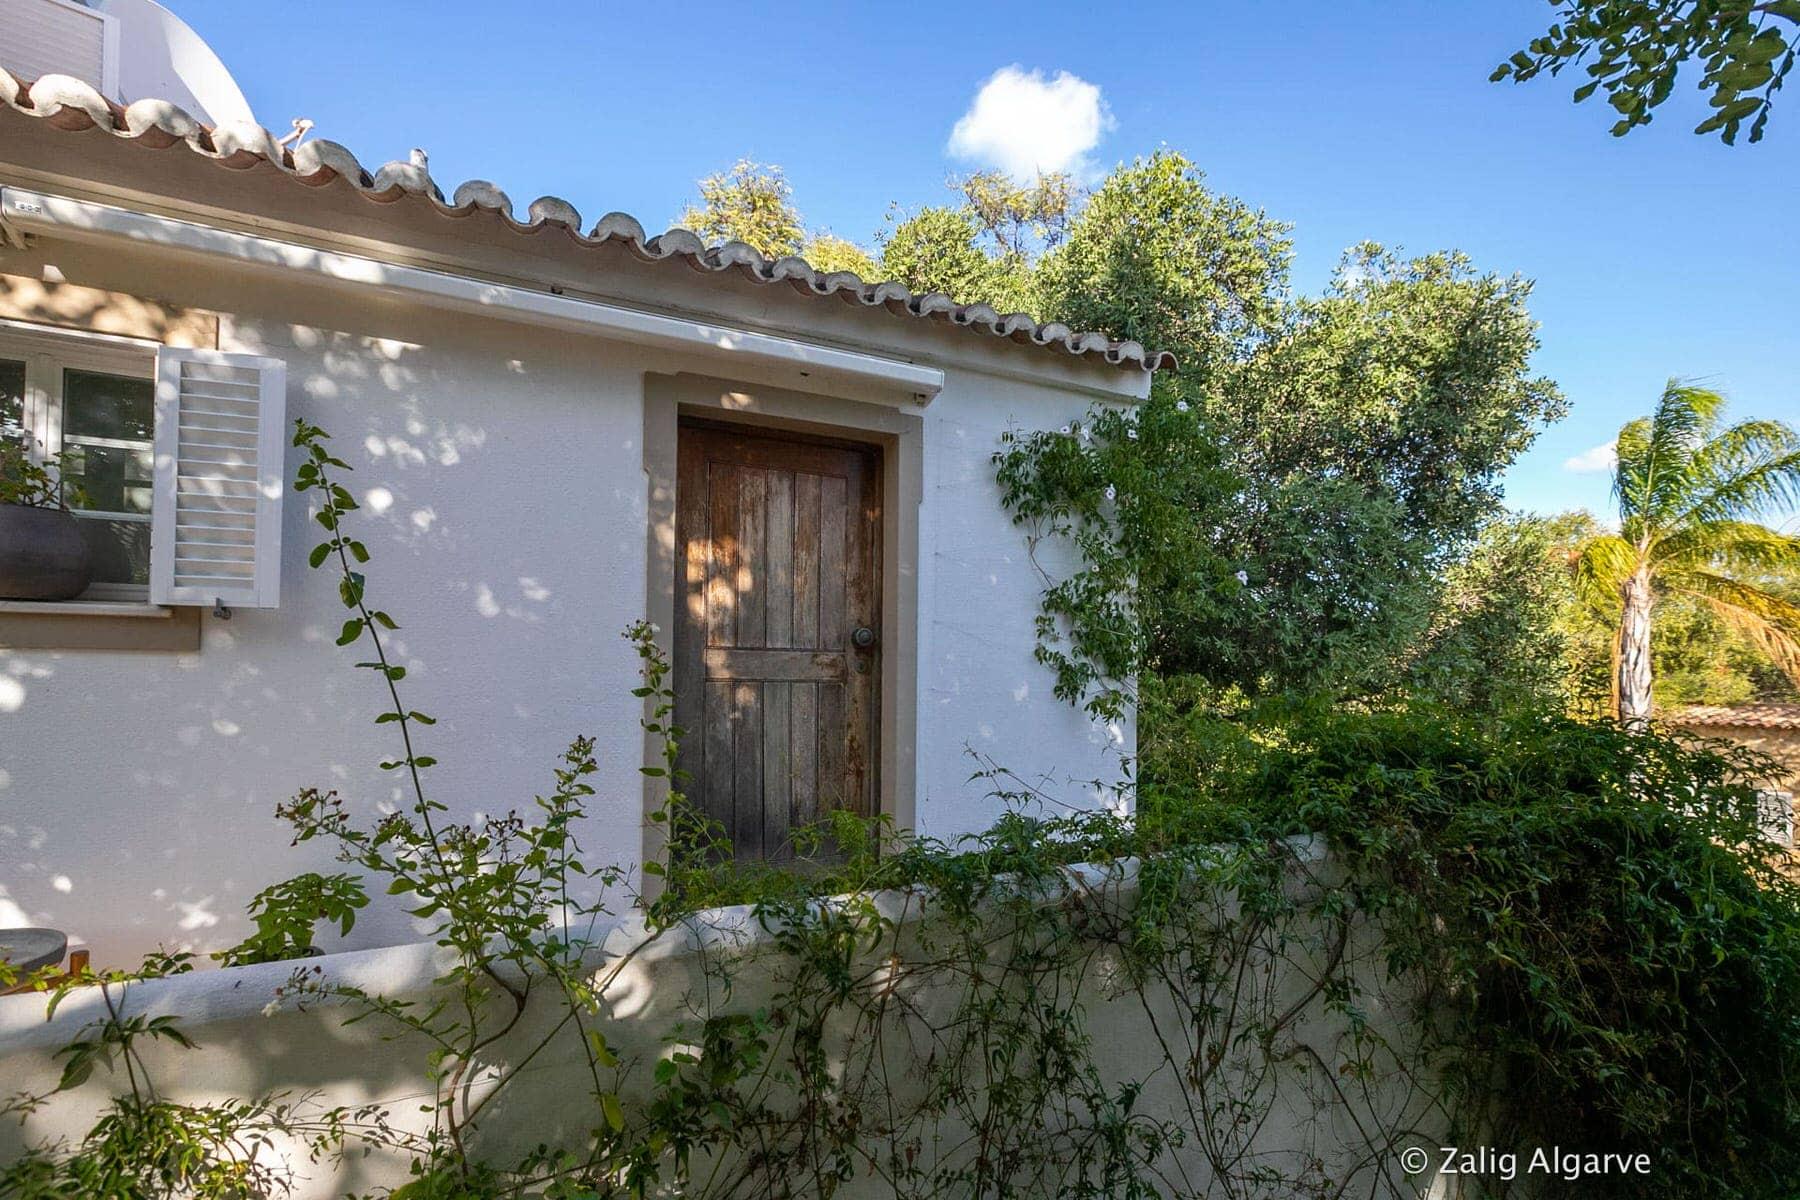 Mil-Arvores-Zalig-Algarve-16_1